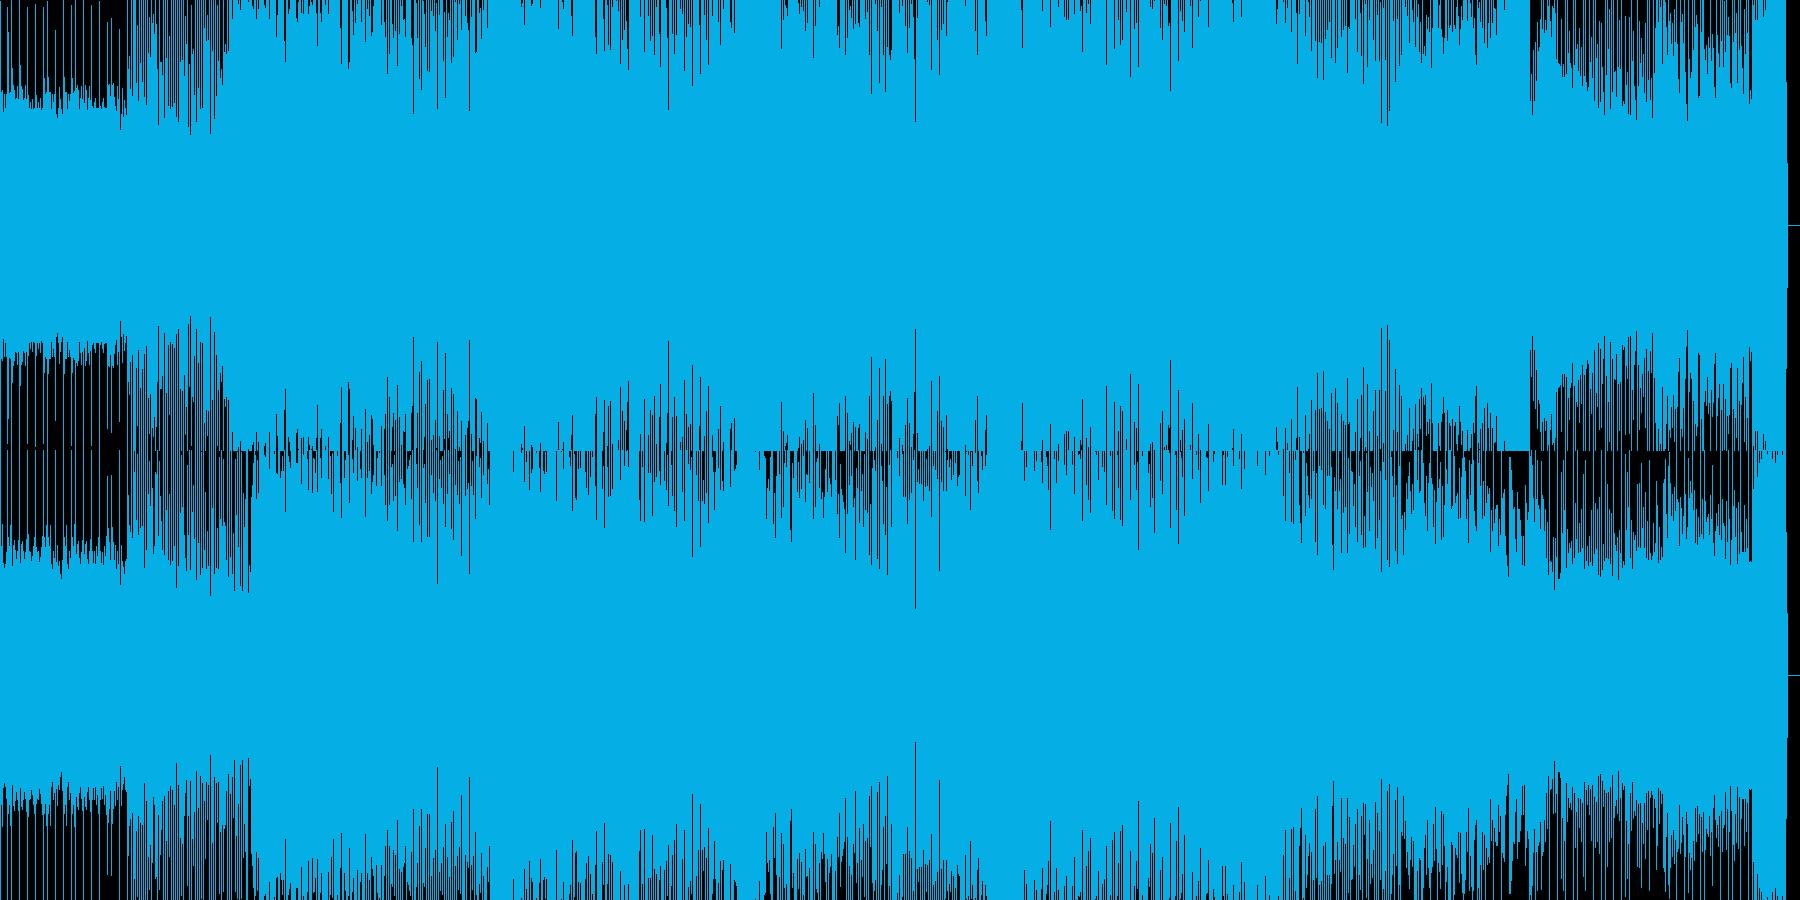 ダンスフロアをイメージするテクノBGMの再生済みの波形